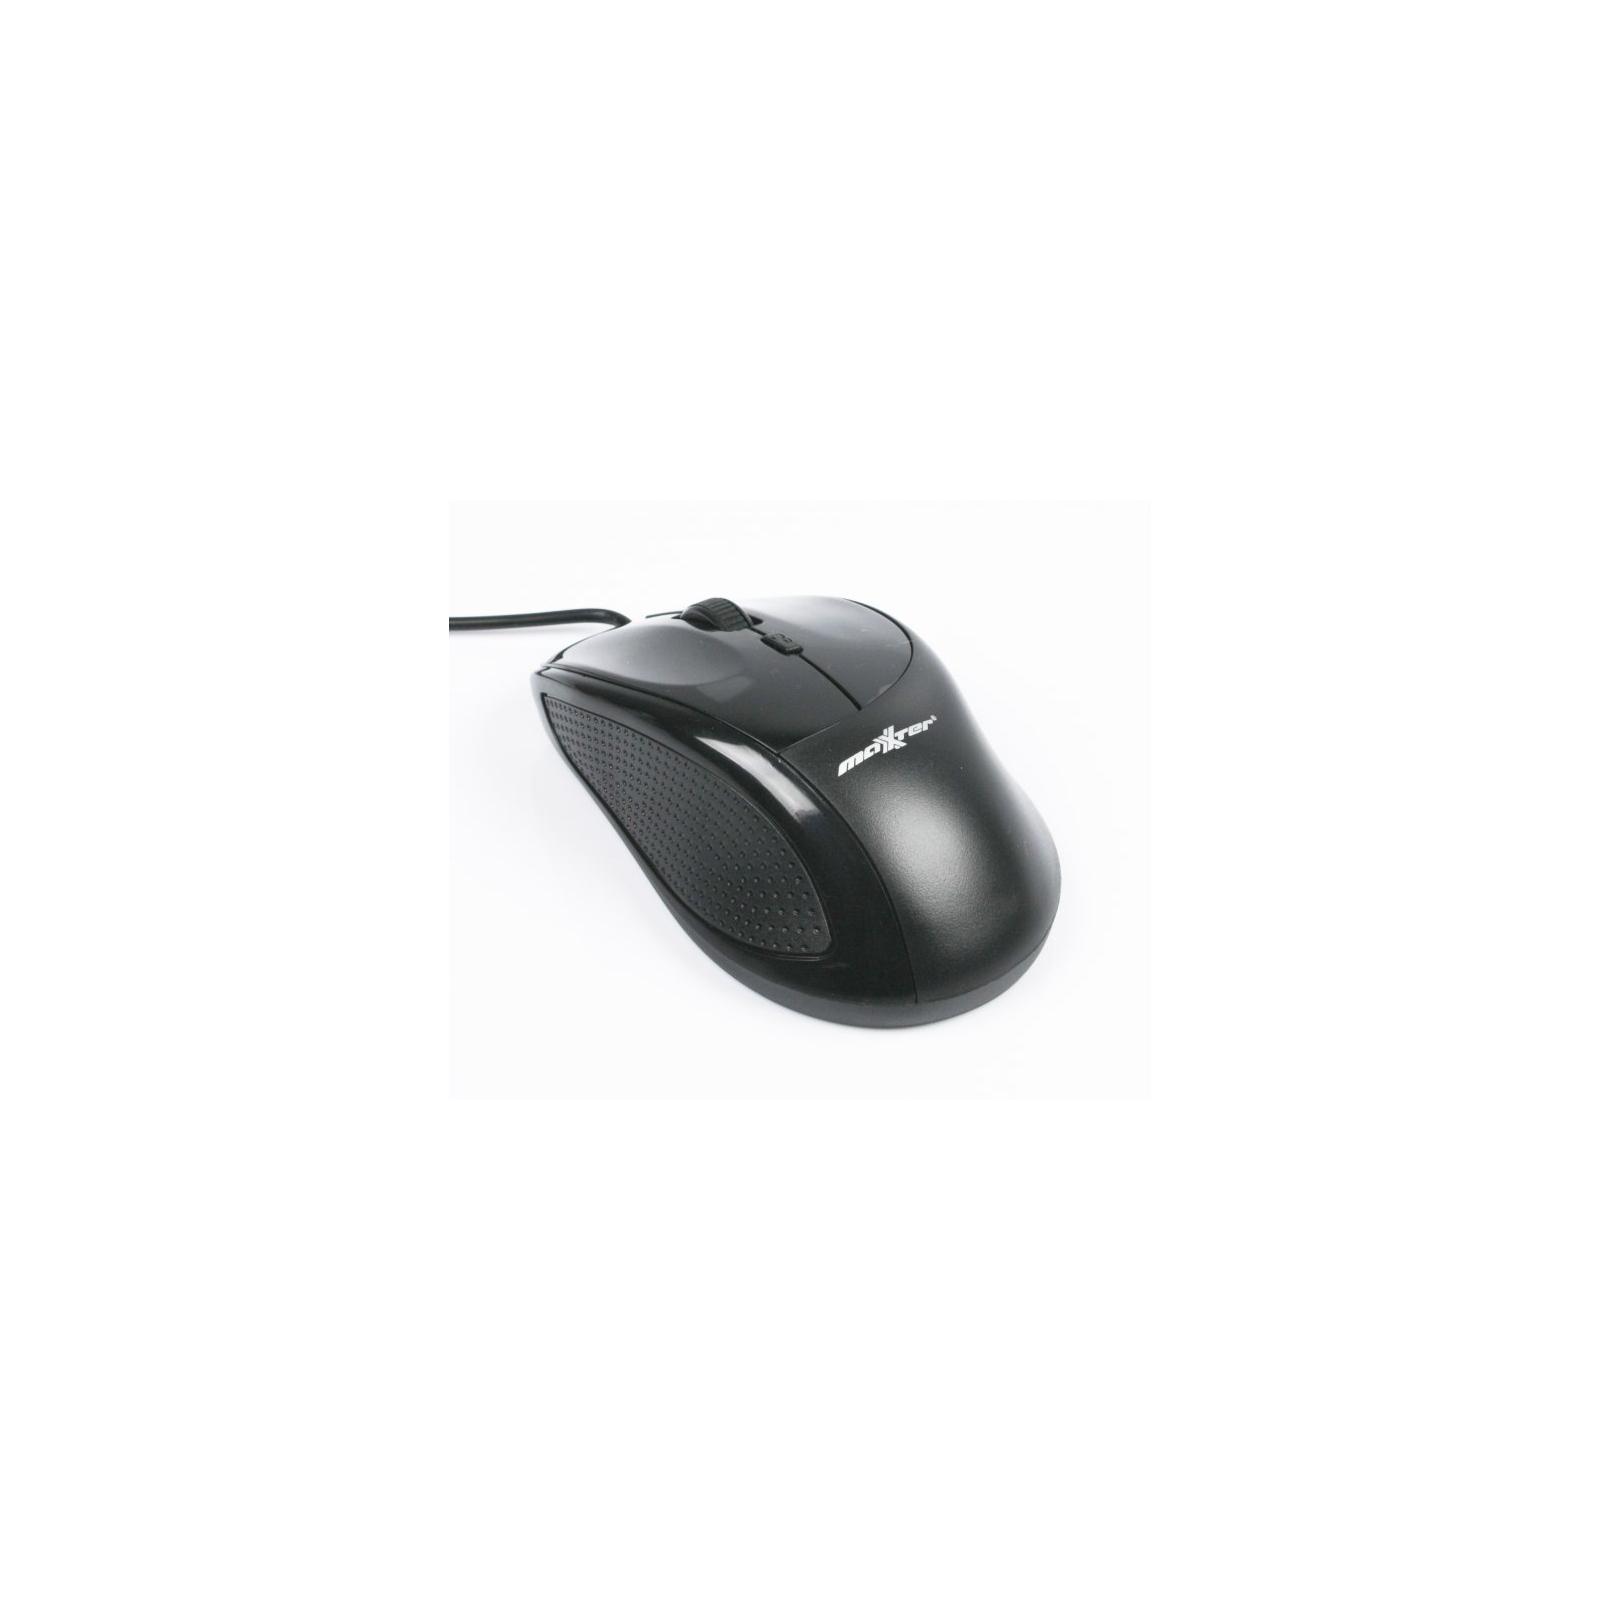 Мышка Maxxter Mc-201 изображение 3